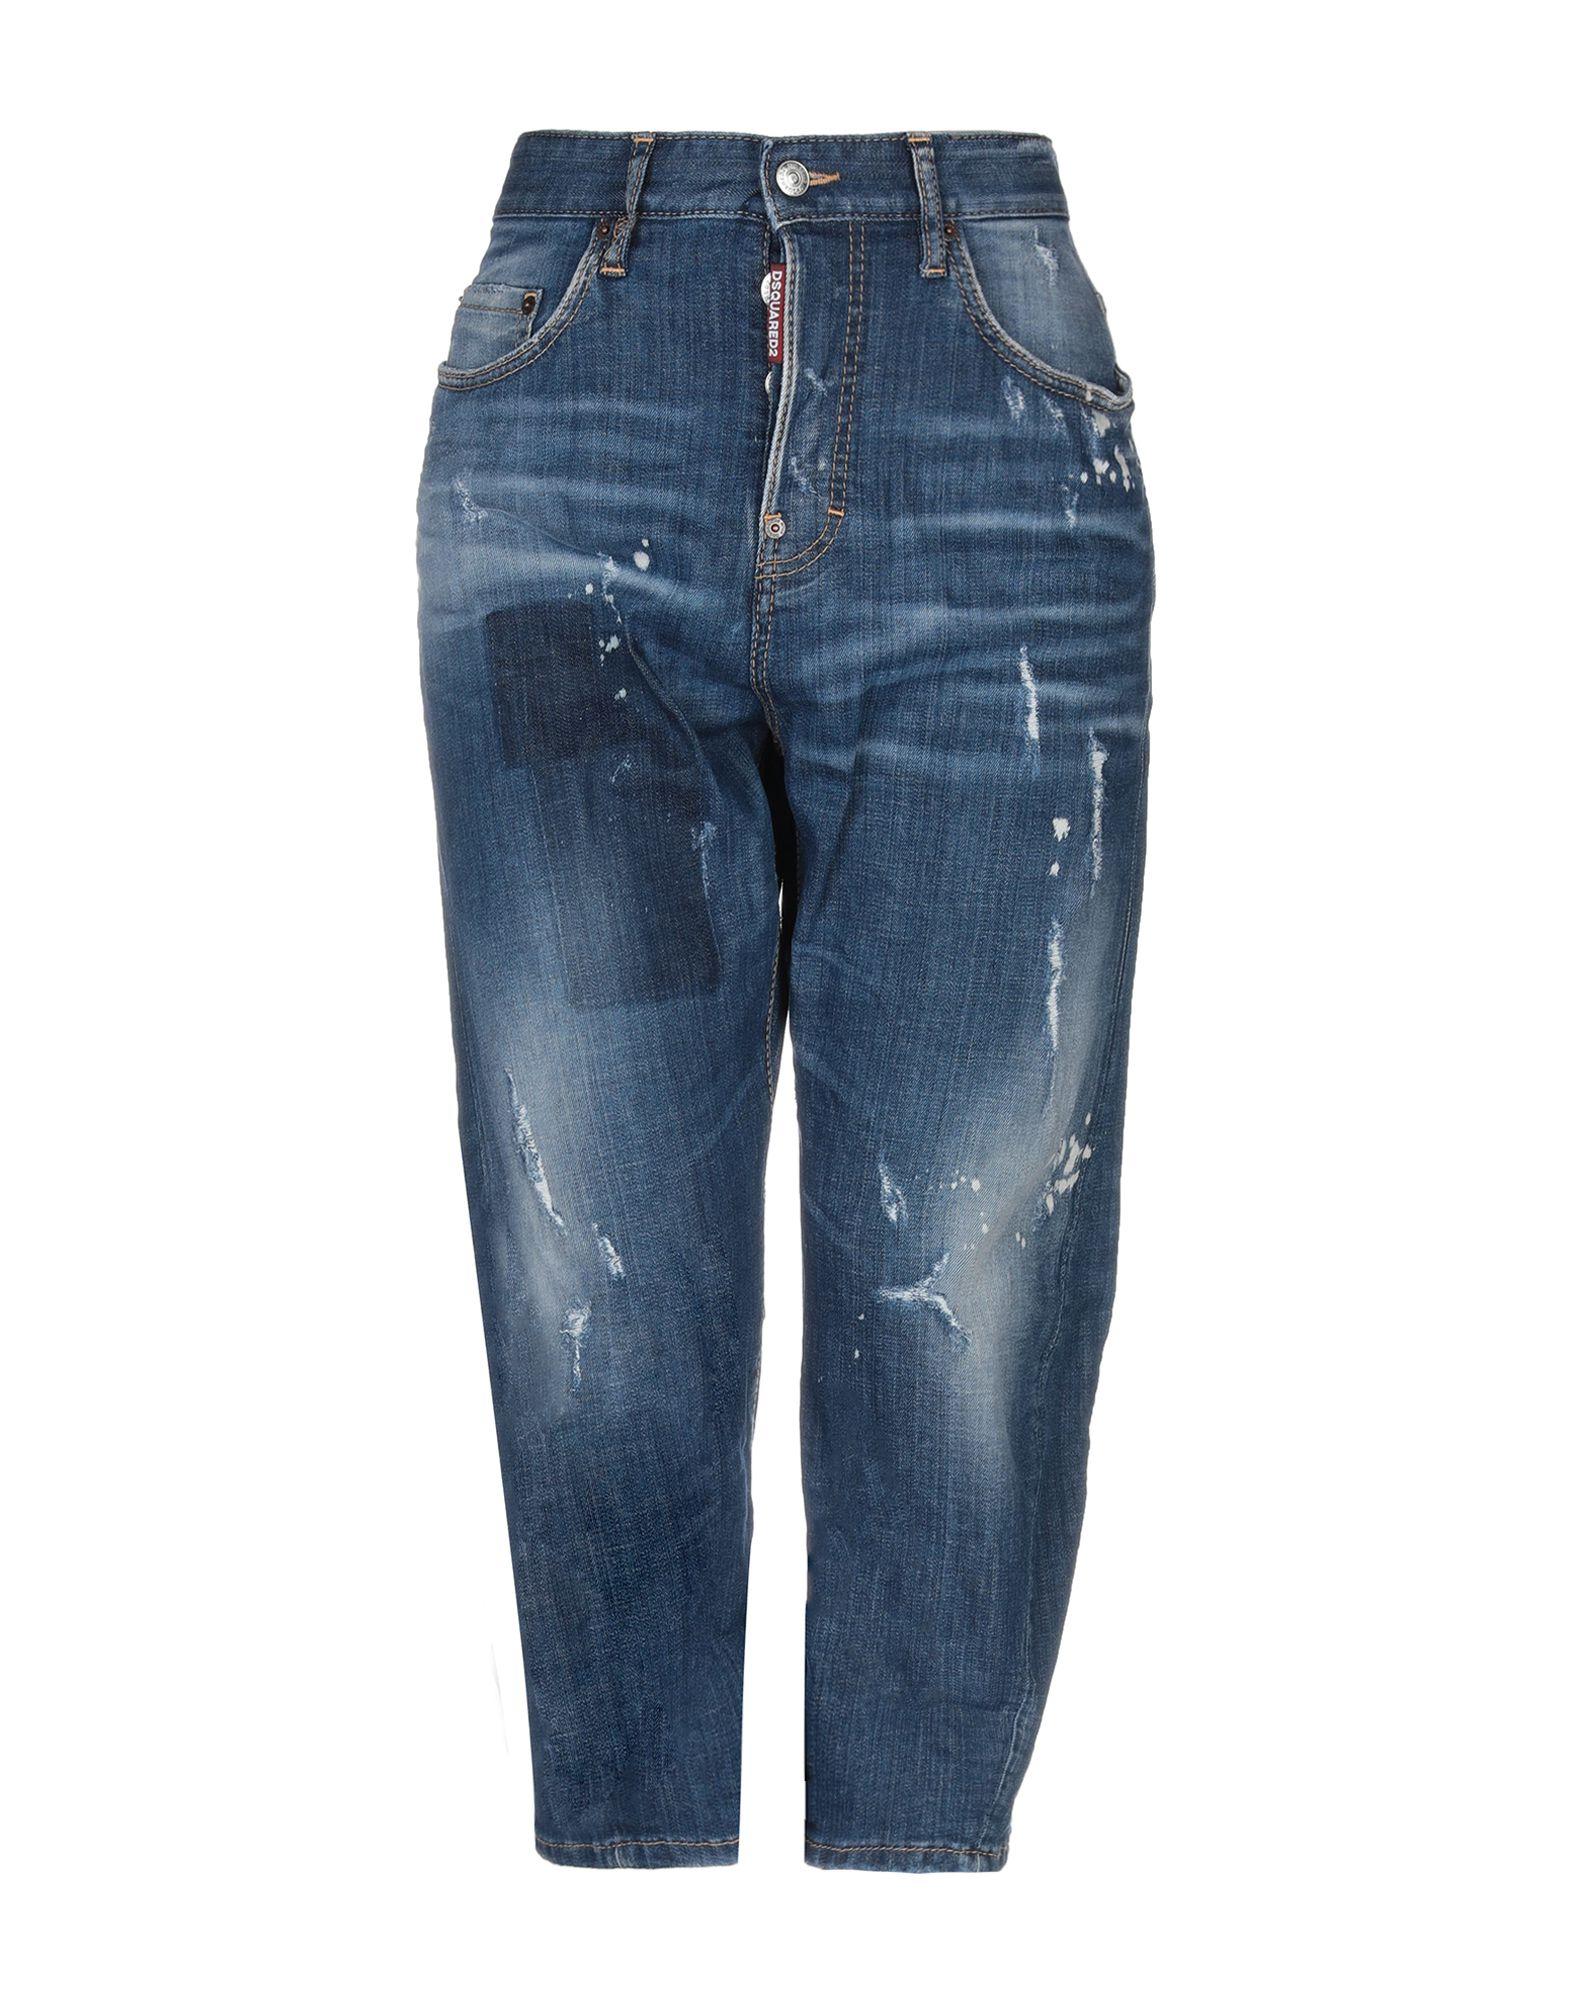 DSQUARED2 Джинсовые брюки-капри джинсовые капри женские купить